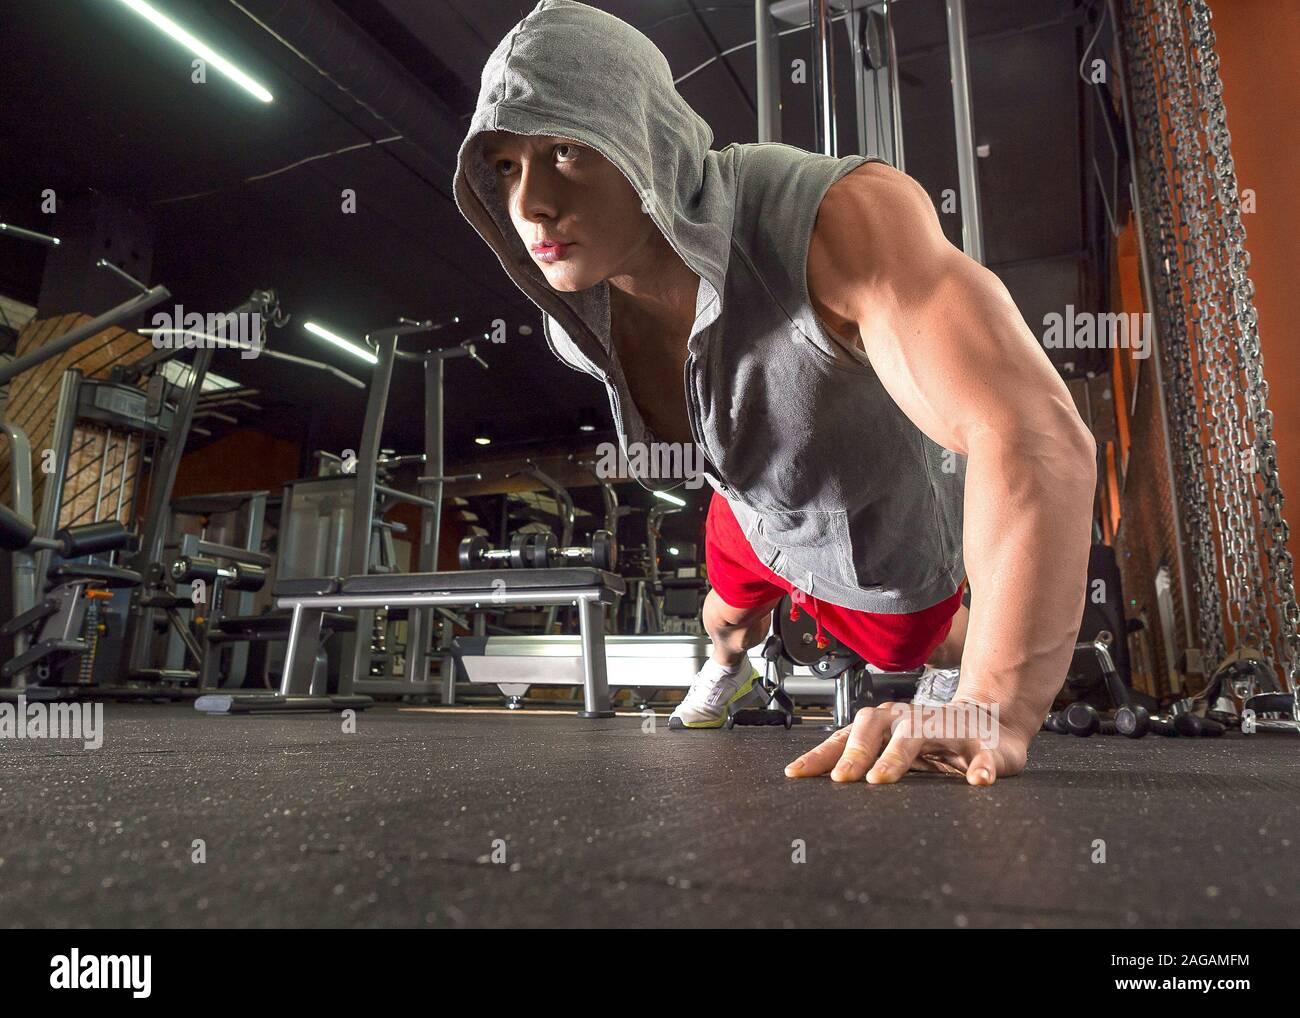 Deportivo joven hombre haciendo flexiones con una mano de ejercicio en el gimnasio. Healty concepto de estilo de vida Foto de stock